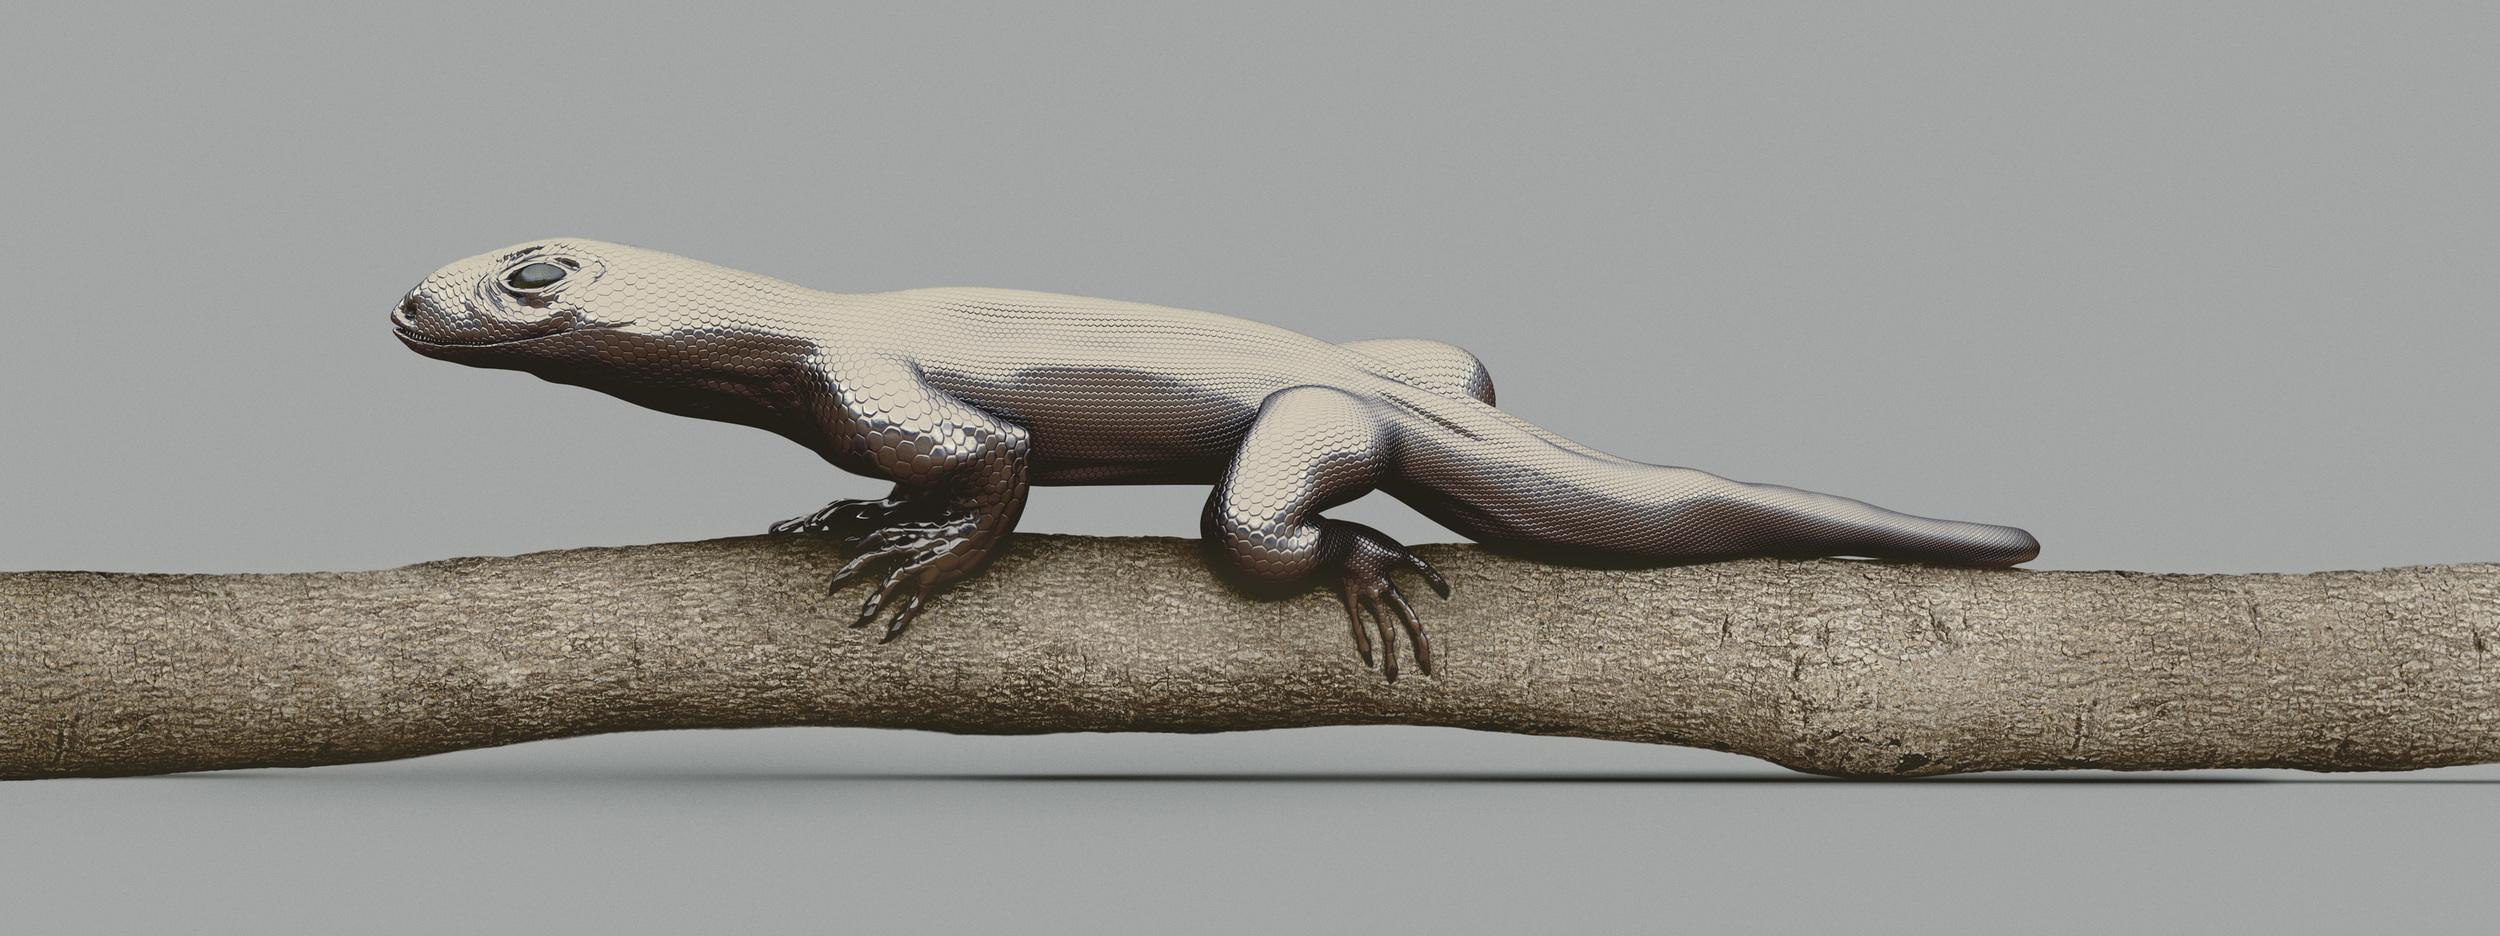 MONITOR LIZARD   [Varanus imitabilis]    120 x 45 cm. / 47.24x17.71 inch.